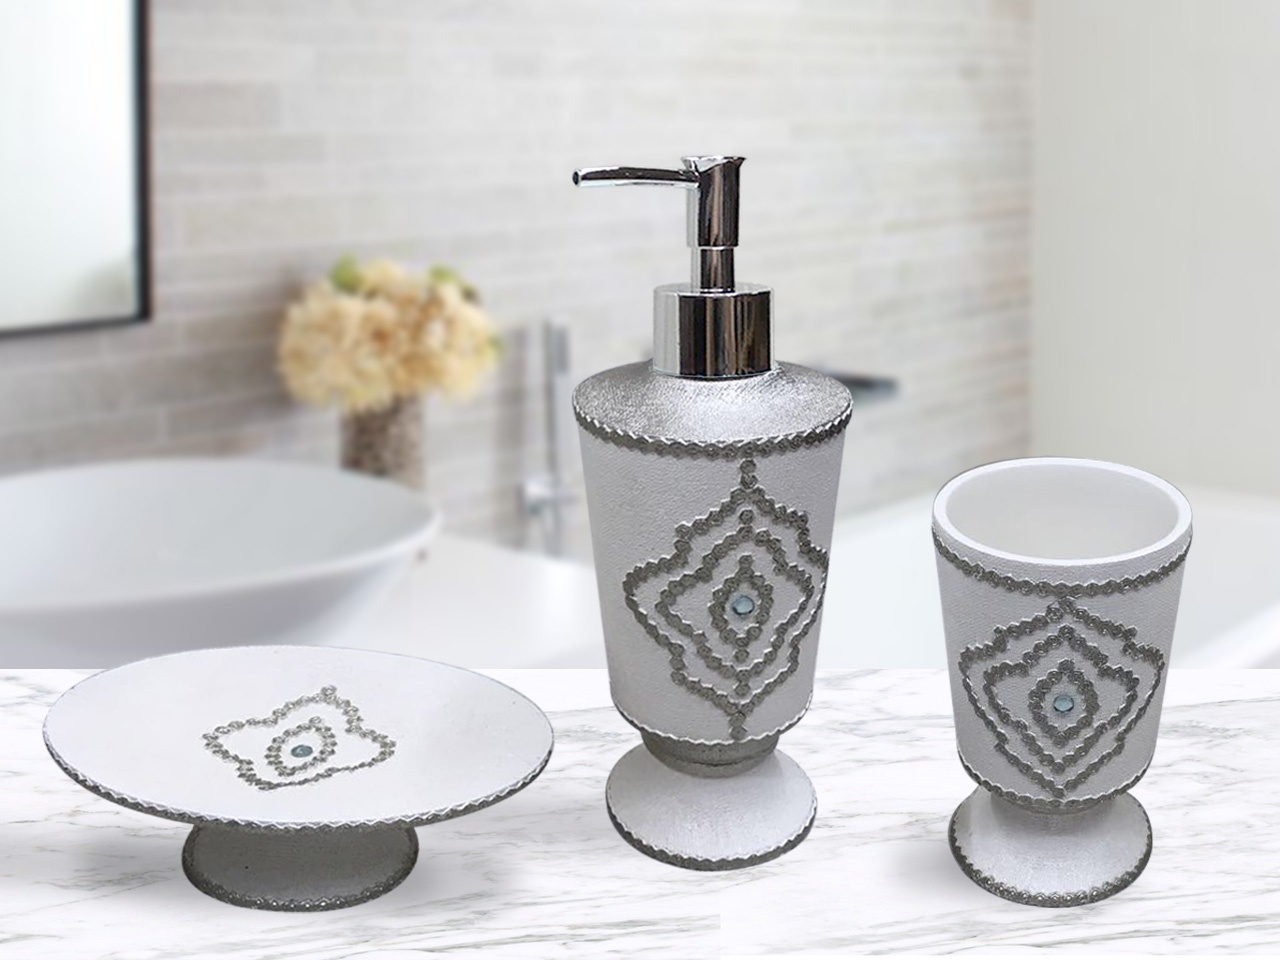 Набор для ванной комнаты №10ВК-10-нДобавьте роскоши в интерьер Вашей ванной комнаты. В наборе имеется все необходимое: дозатор для жидкого мыла, стаканчик для зубных щеток, мыльница для твердого мыла. Современный полимерный материал Полирезина - имеет прекрасные потребительские свойства, предметы довольно тяжелые и напоминают природный камень.